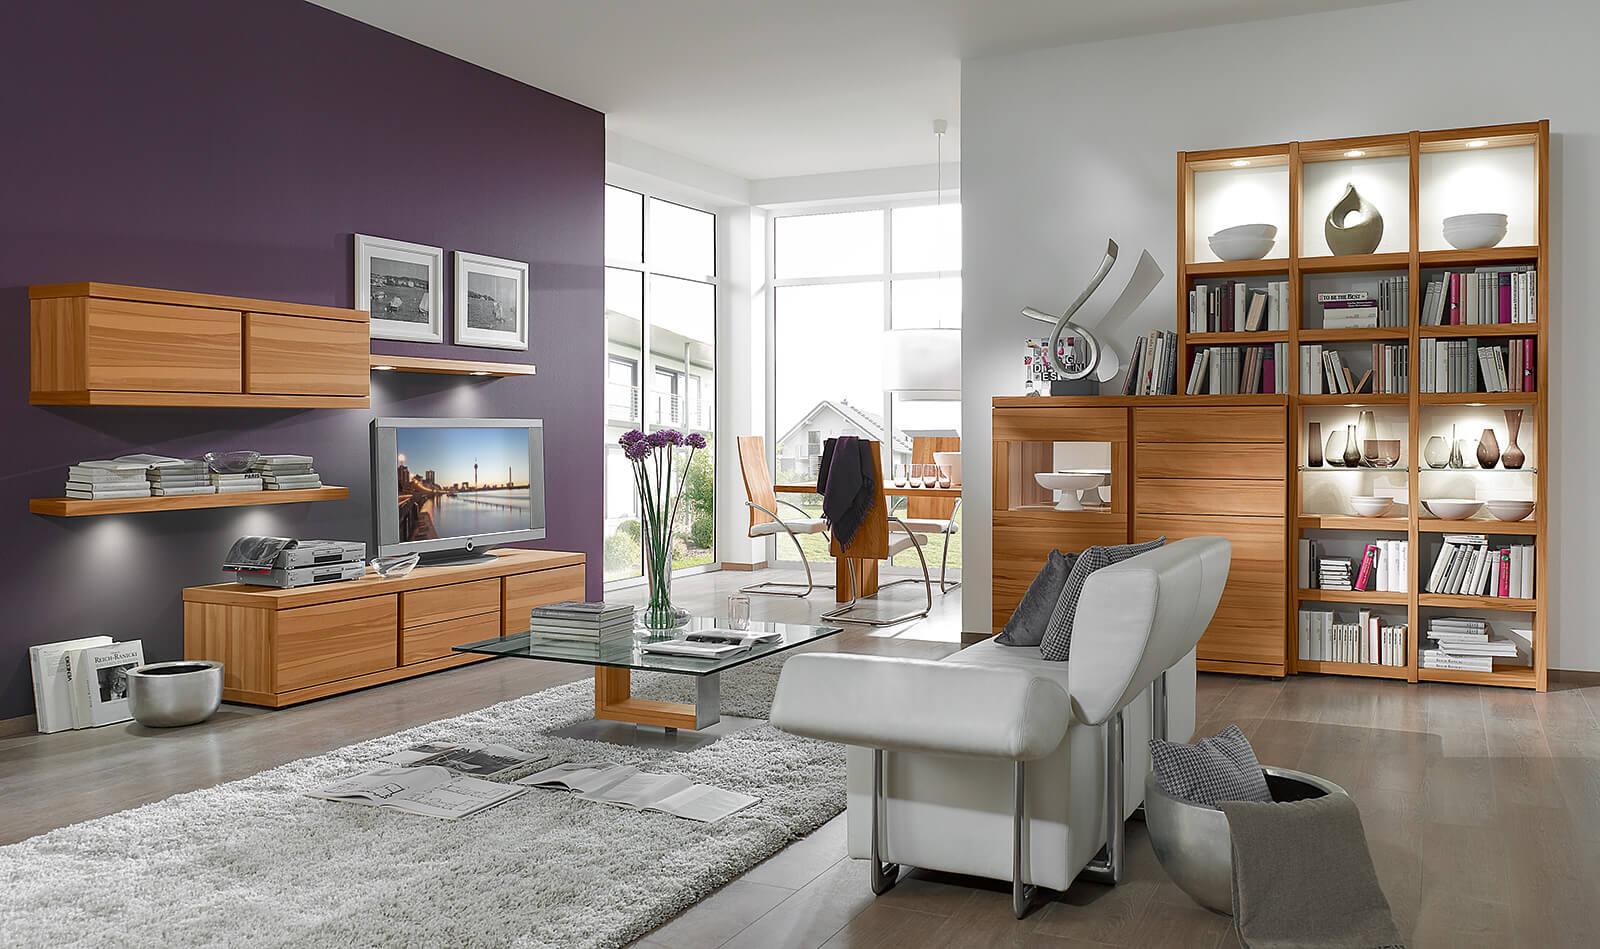 wohnzimmer programme v plus 6 0 venjakob m bel vorsprung durch design und qualit t. Black Bedroom Furniture Sets. Home Design Ideas